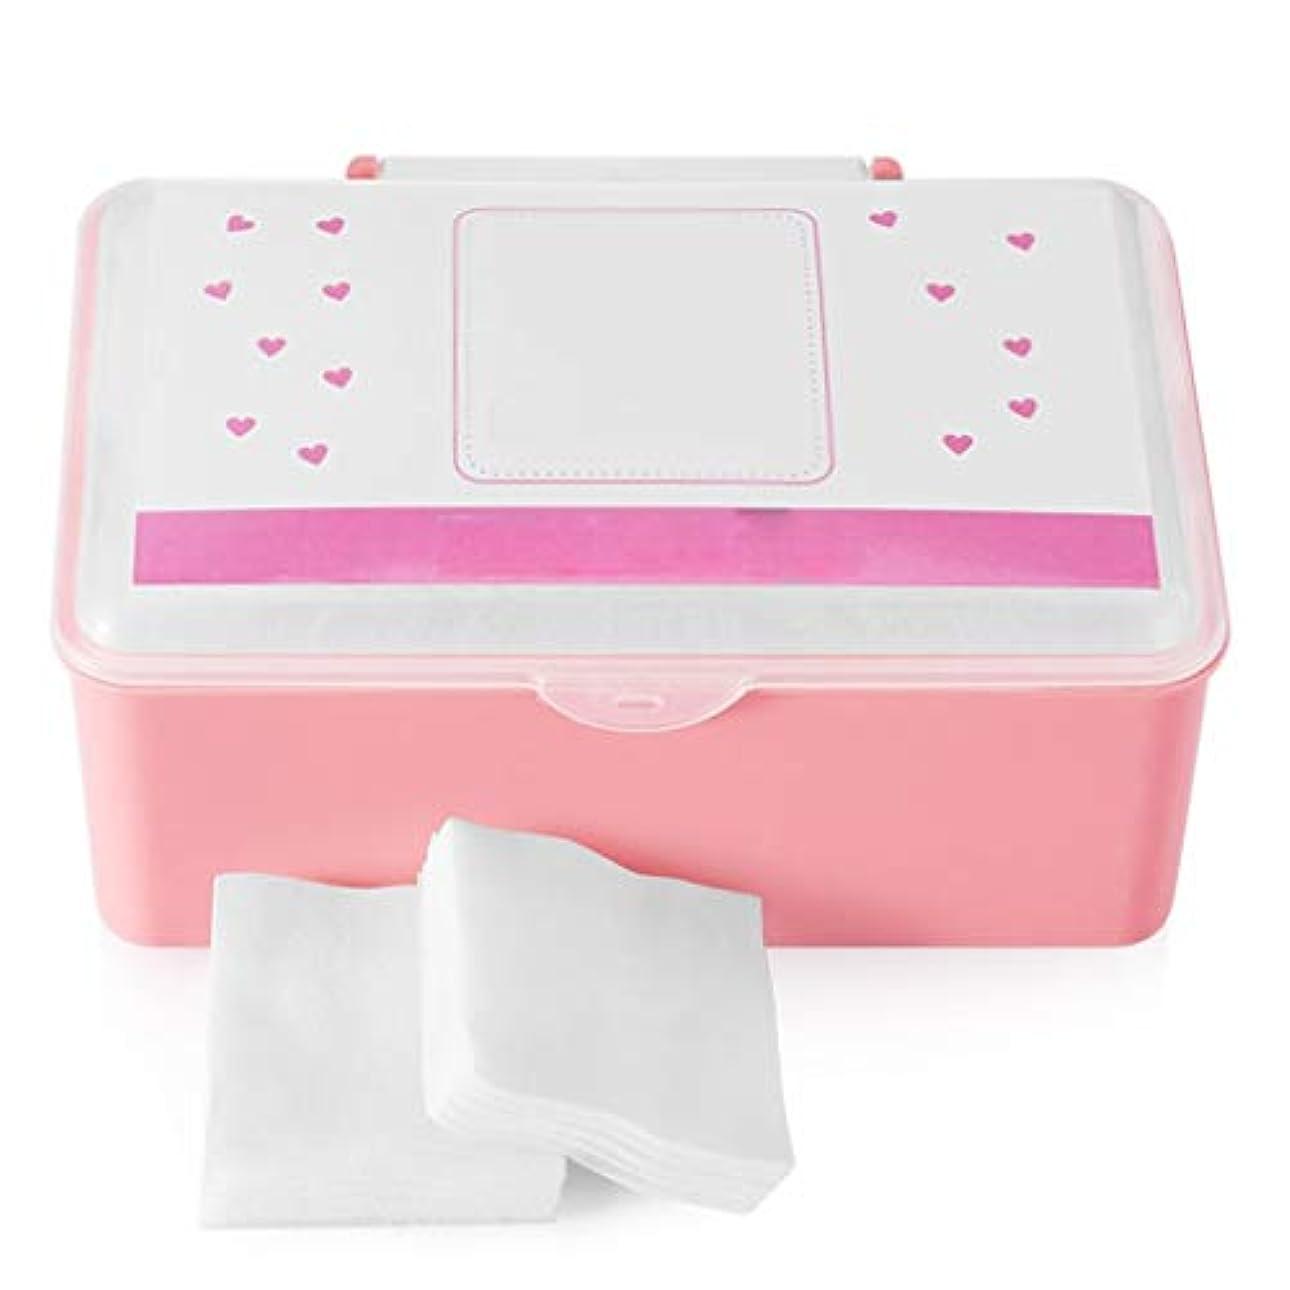 クレンジングシート コットンパッドコットンクレンジングコットンフェイス付き薄いセクション水分補給ウェット圧縮スペシャルボックス入り1000ピース (Color : White)